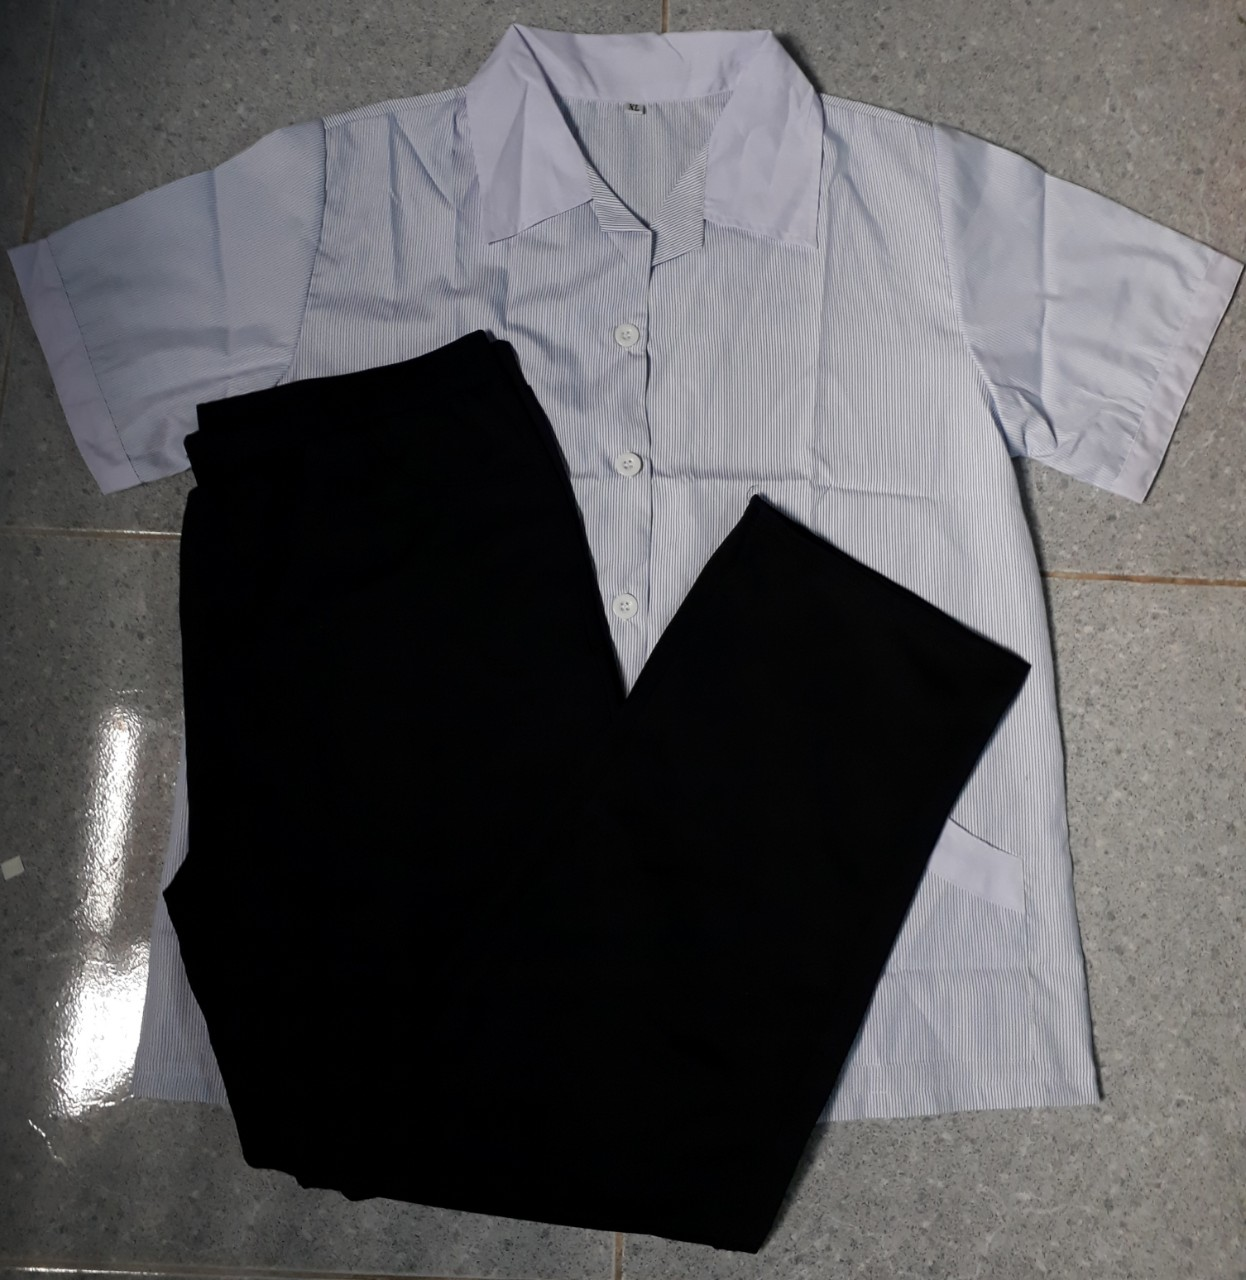 bộ tạp vụ may sẵn áo xọc xanh đậm quần thun đen